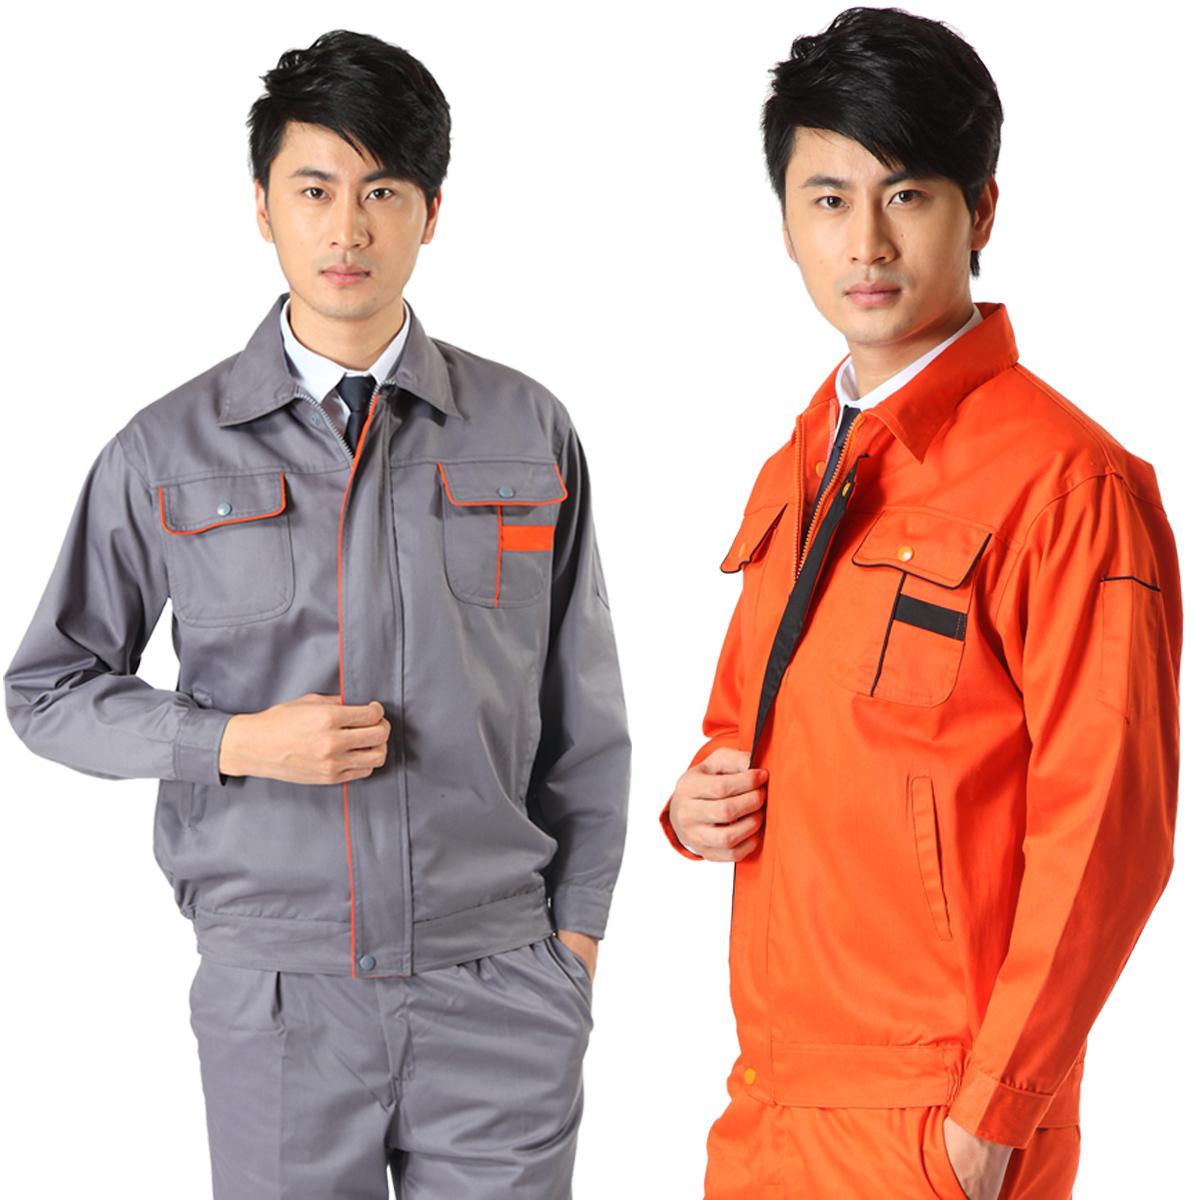 盛鸿达A065订做工作服套装男 女长袖劳保服 工程服装 工装 汽修服